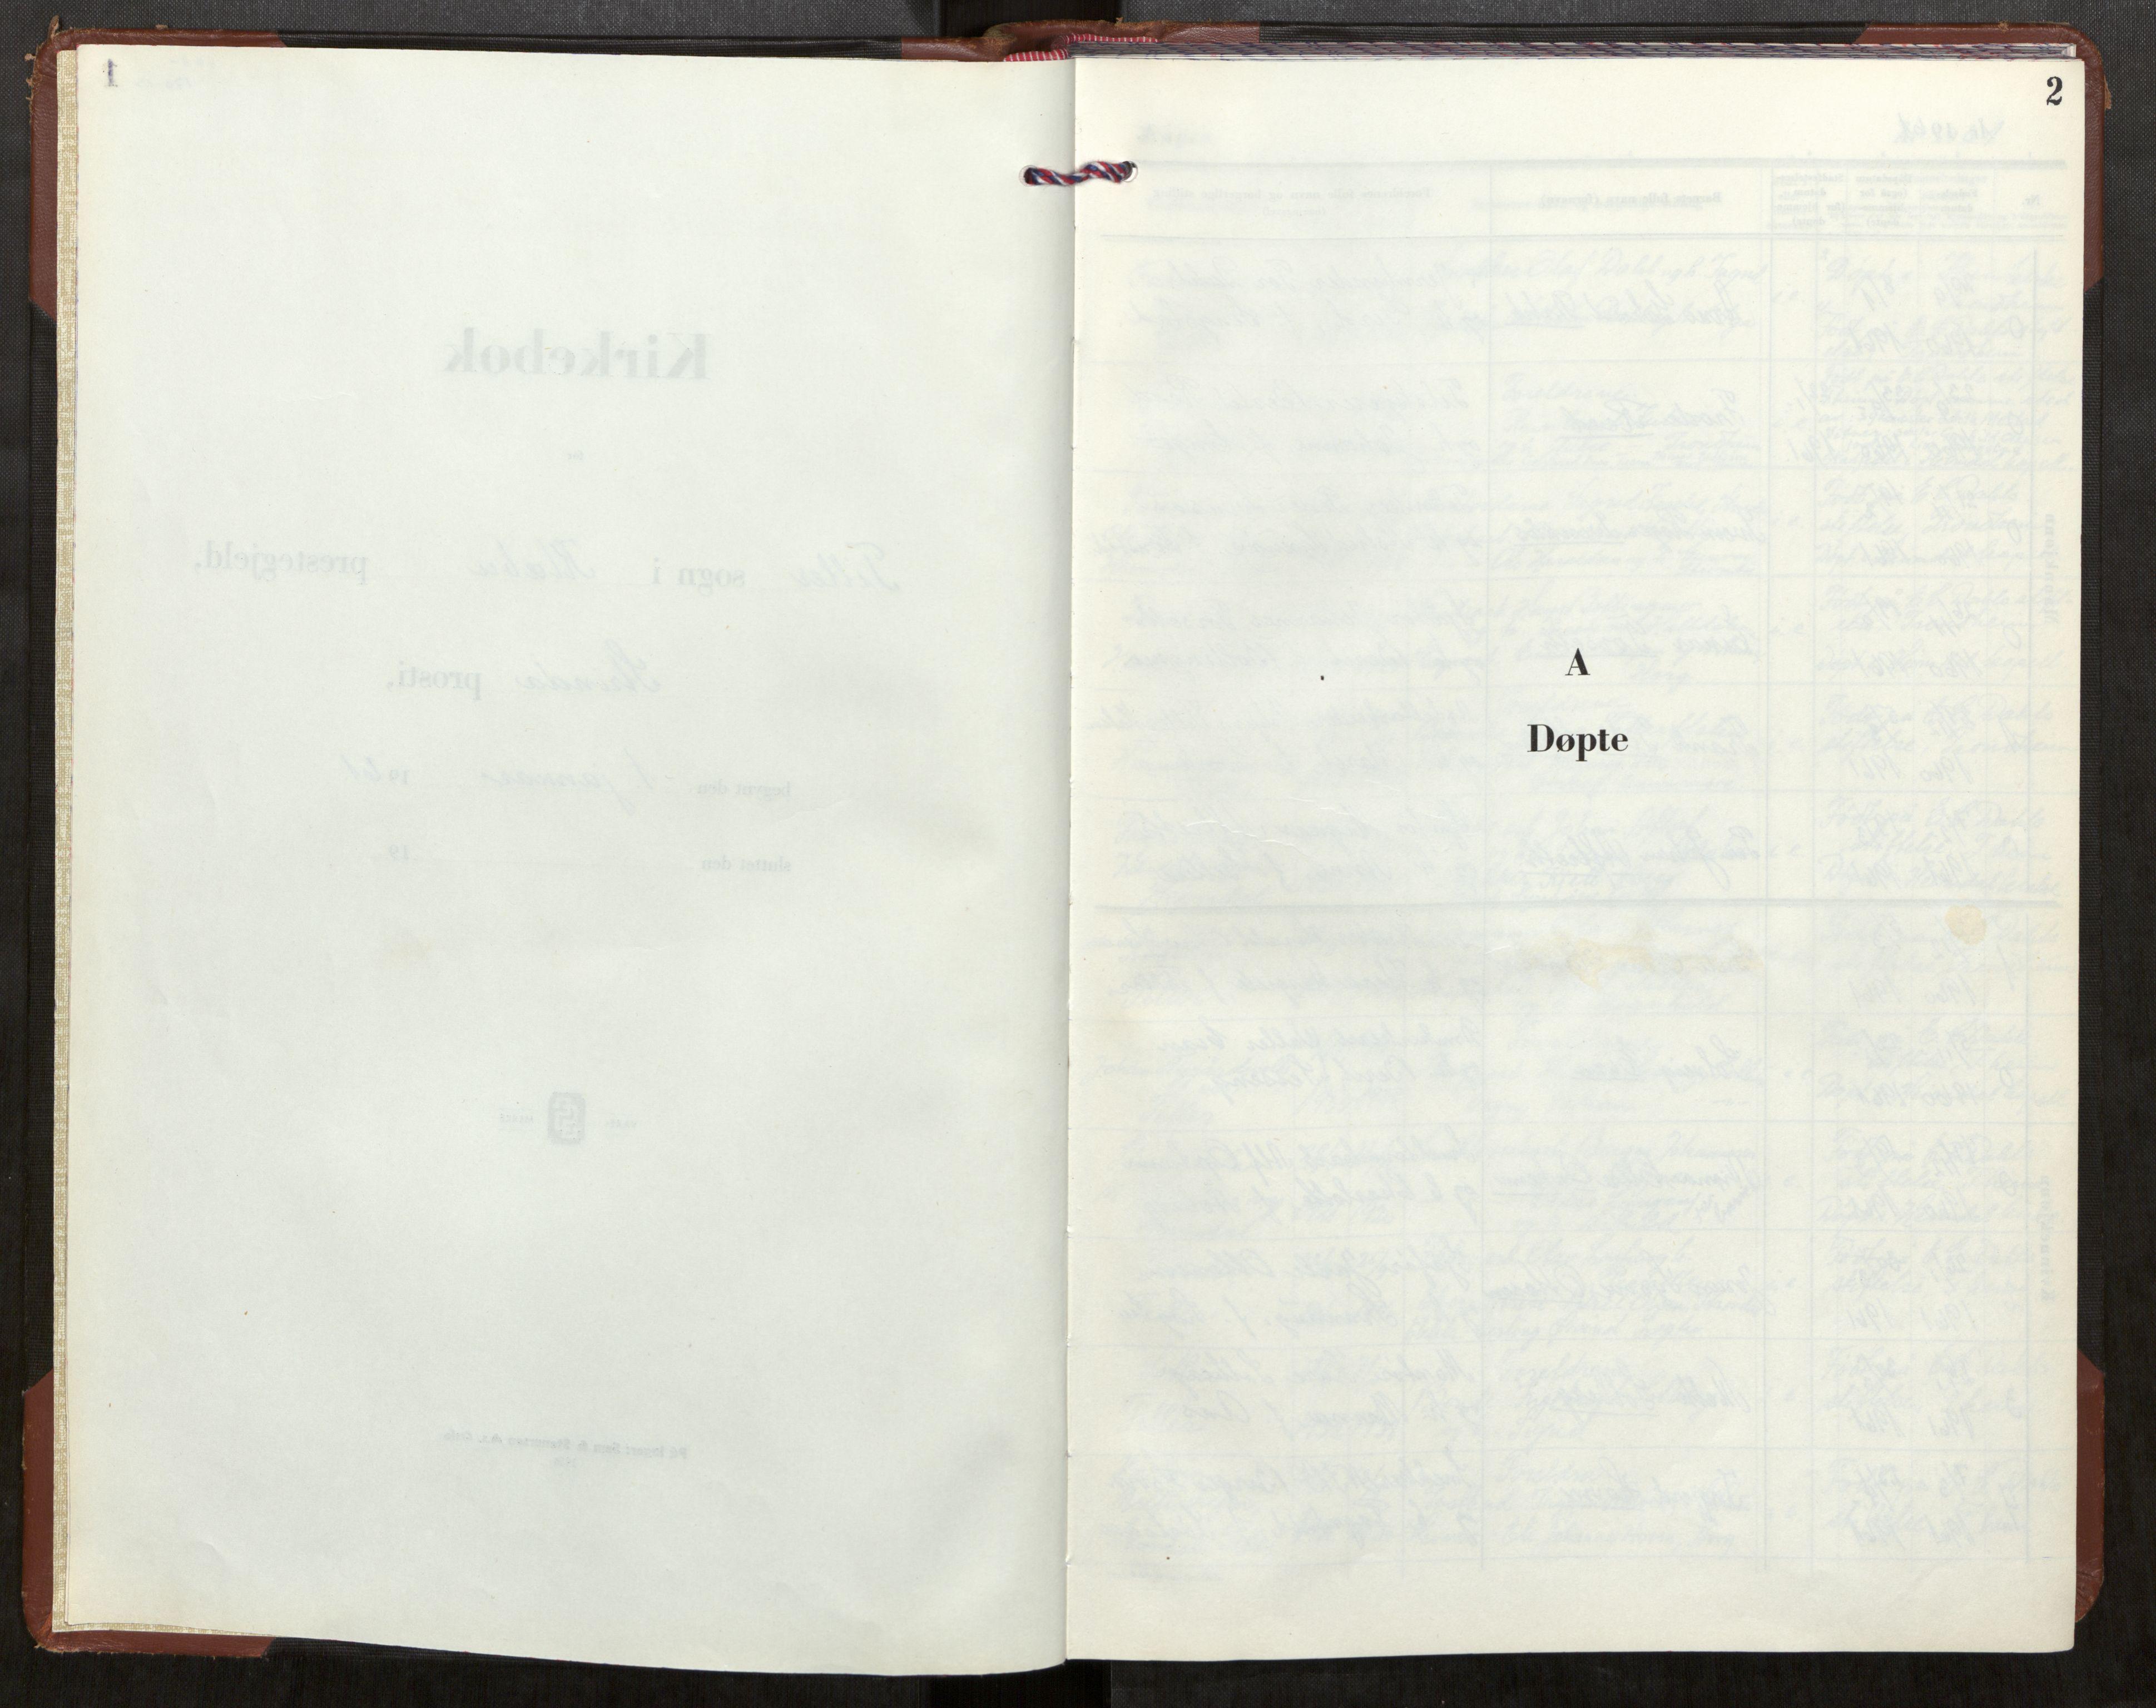 SAT, Klæbu sokneprestkontor, Parish register (official) no. 5, 1961-1967, p. 2